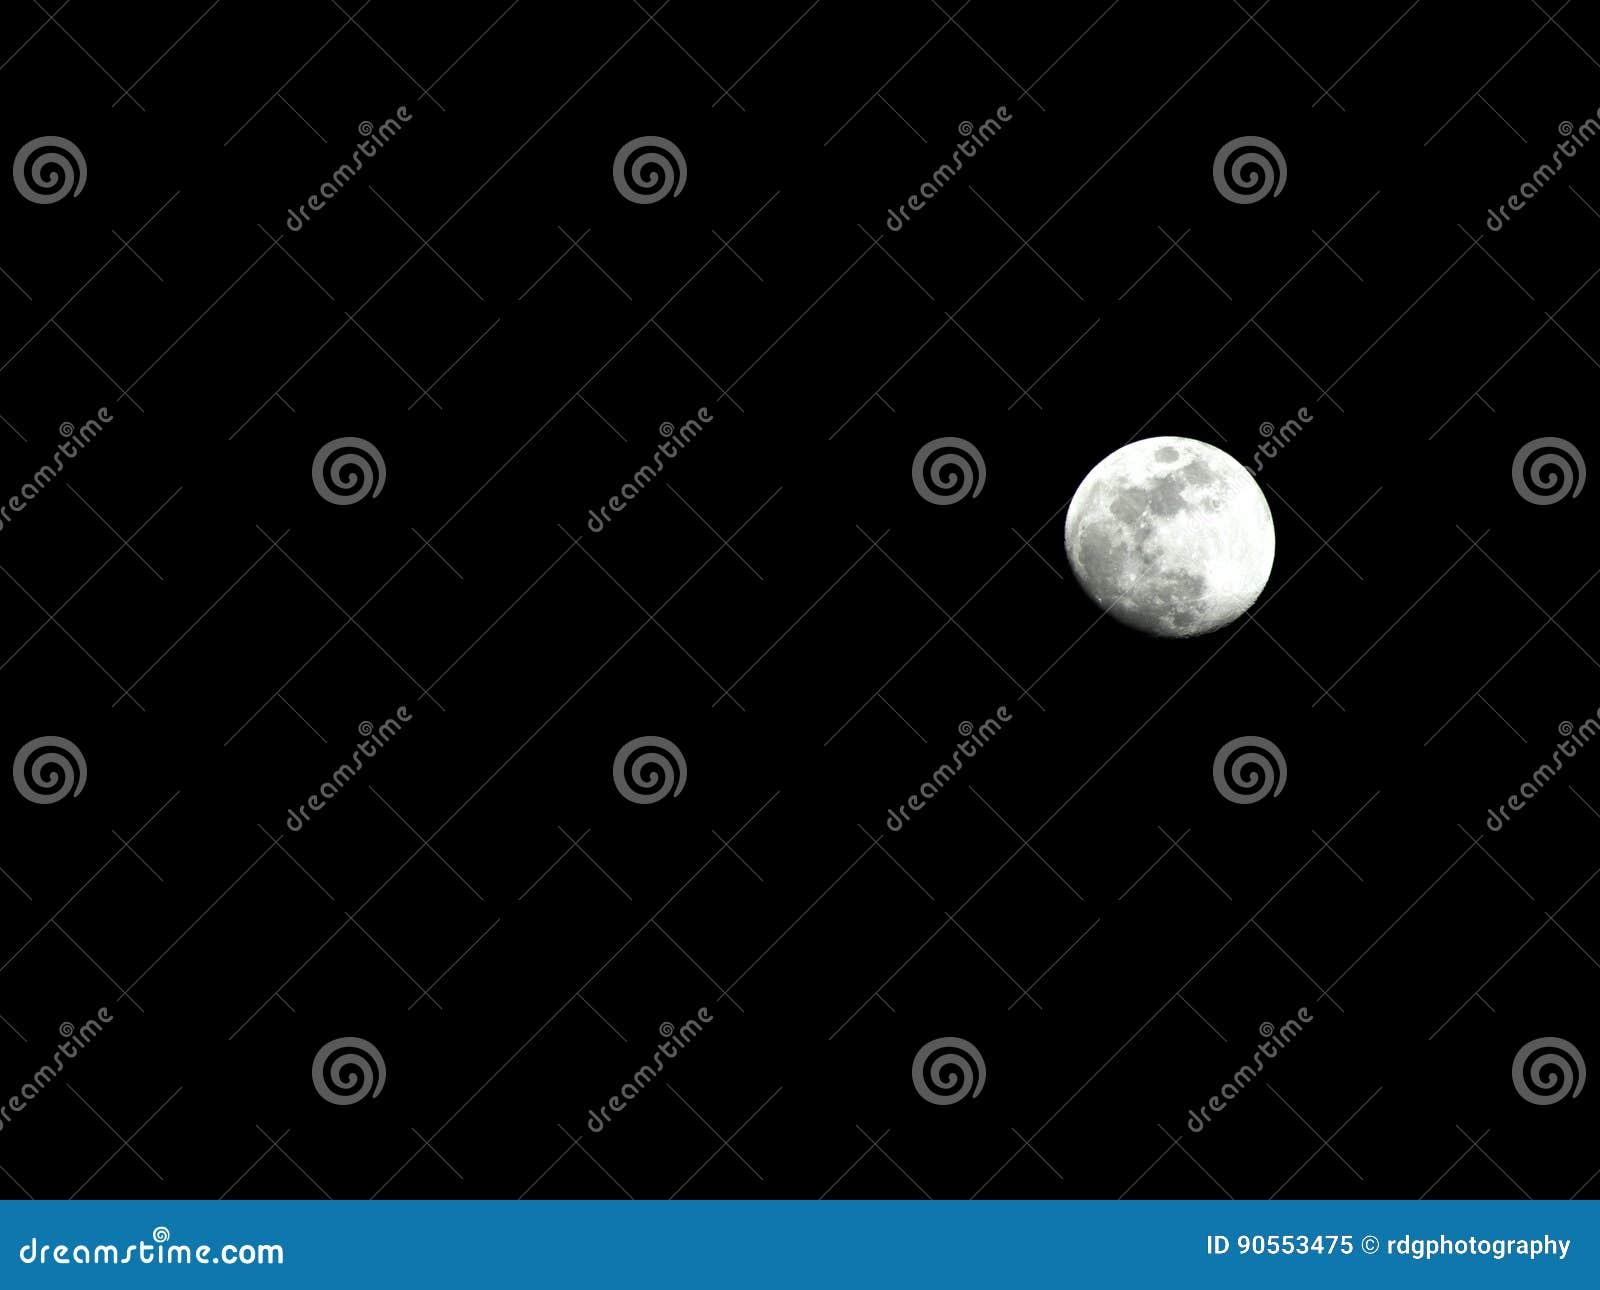 Small Moon